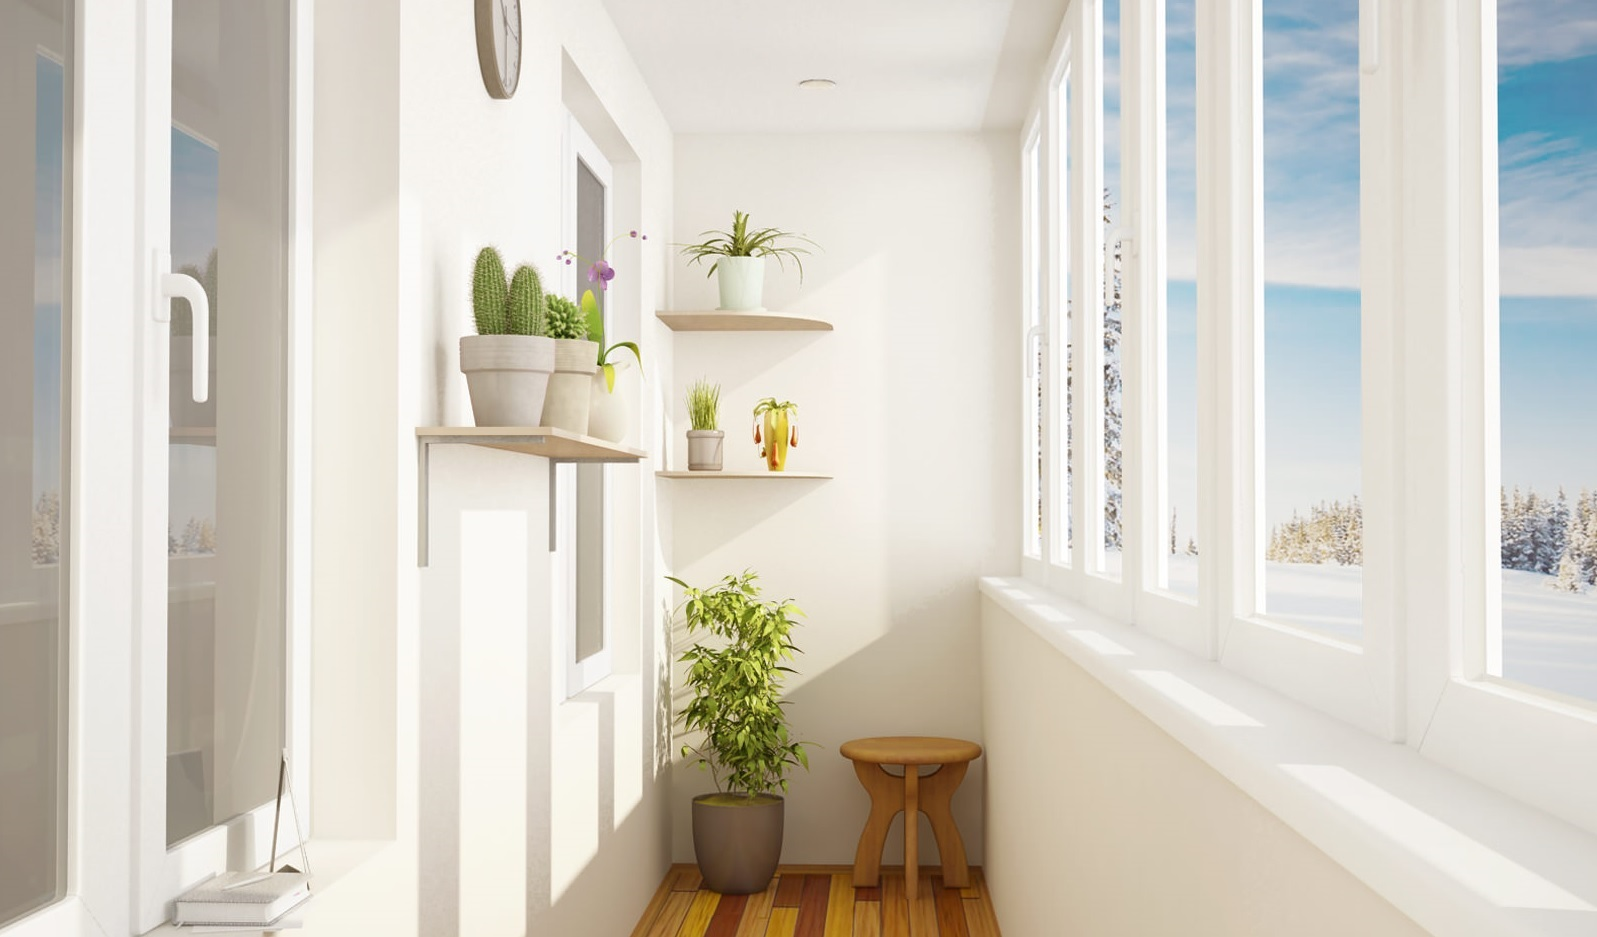 chem-uteplit-balkon